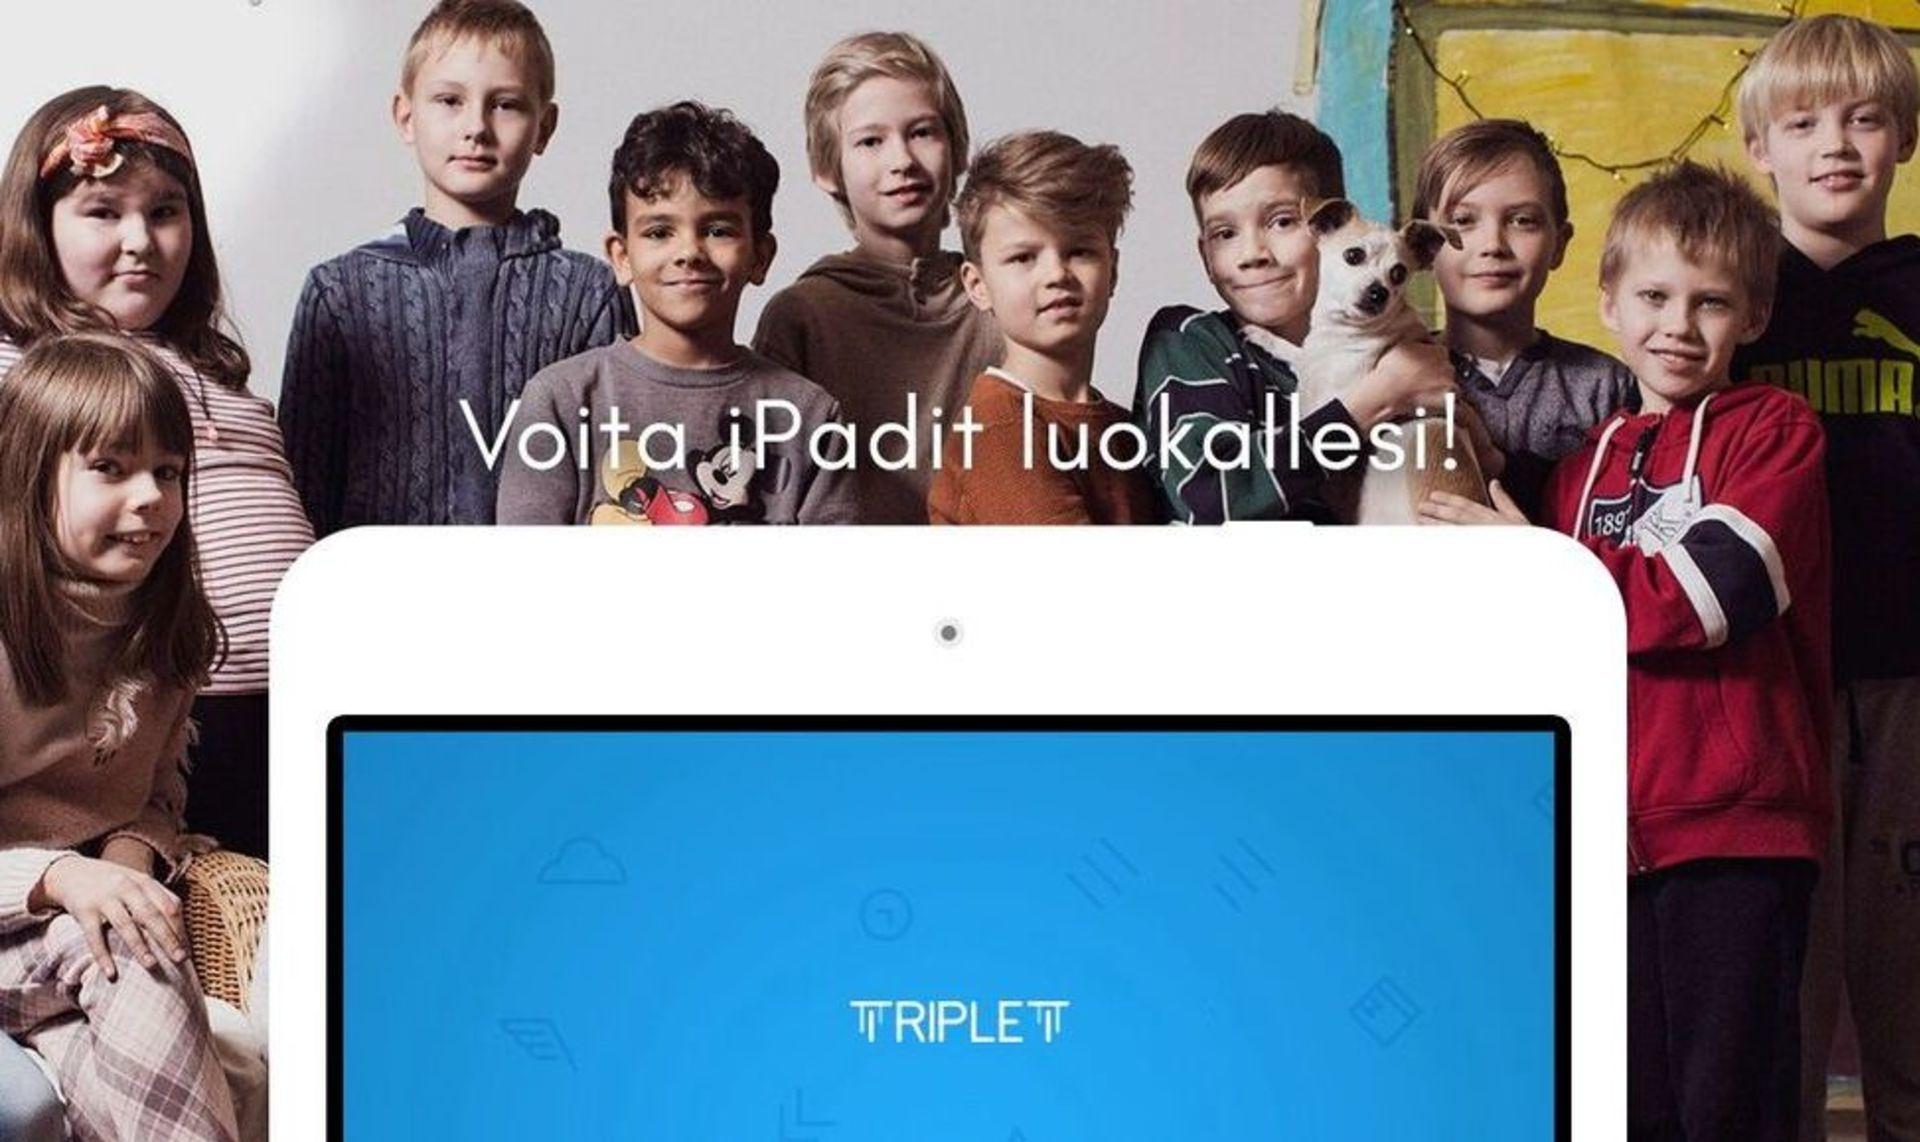 Medium triplet newsletter image 02